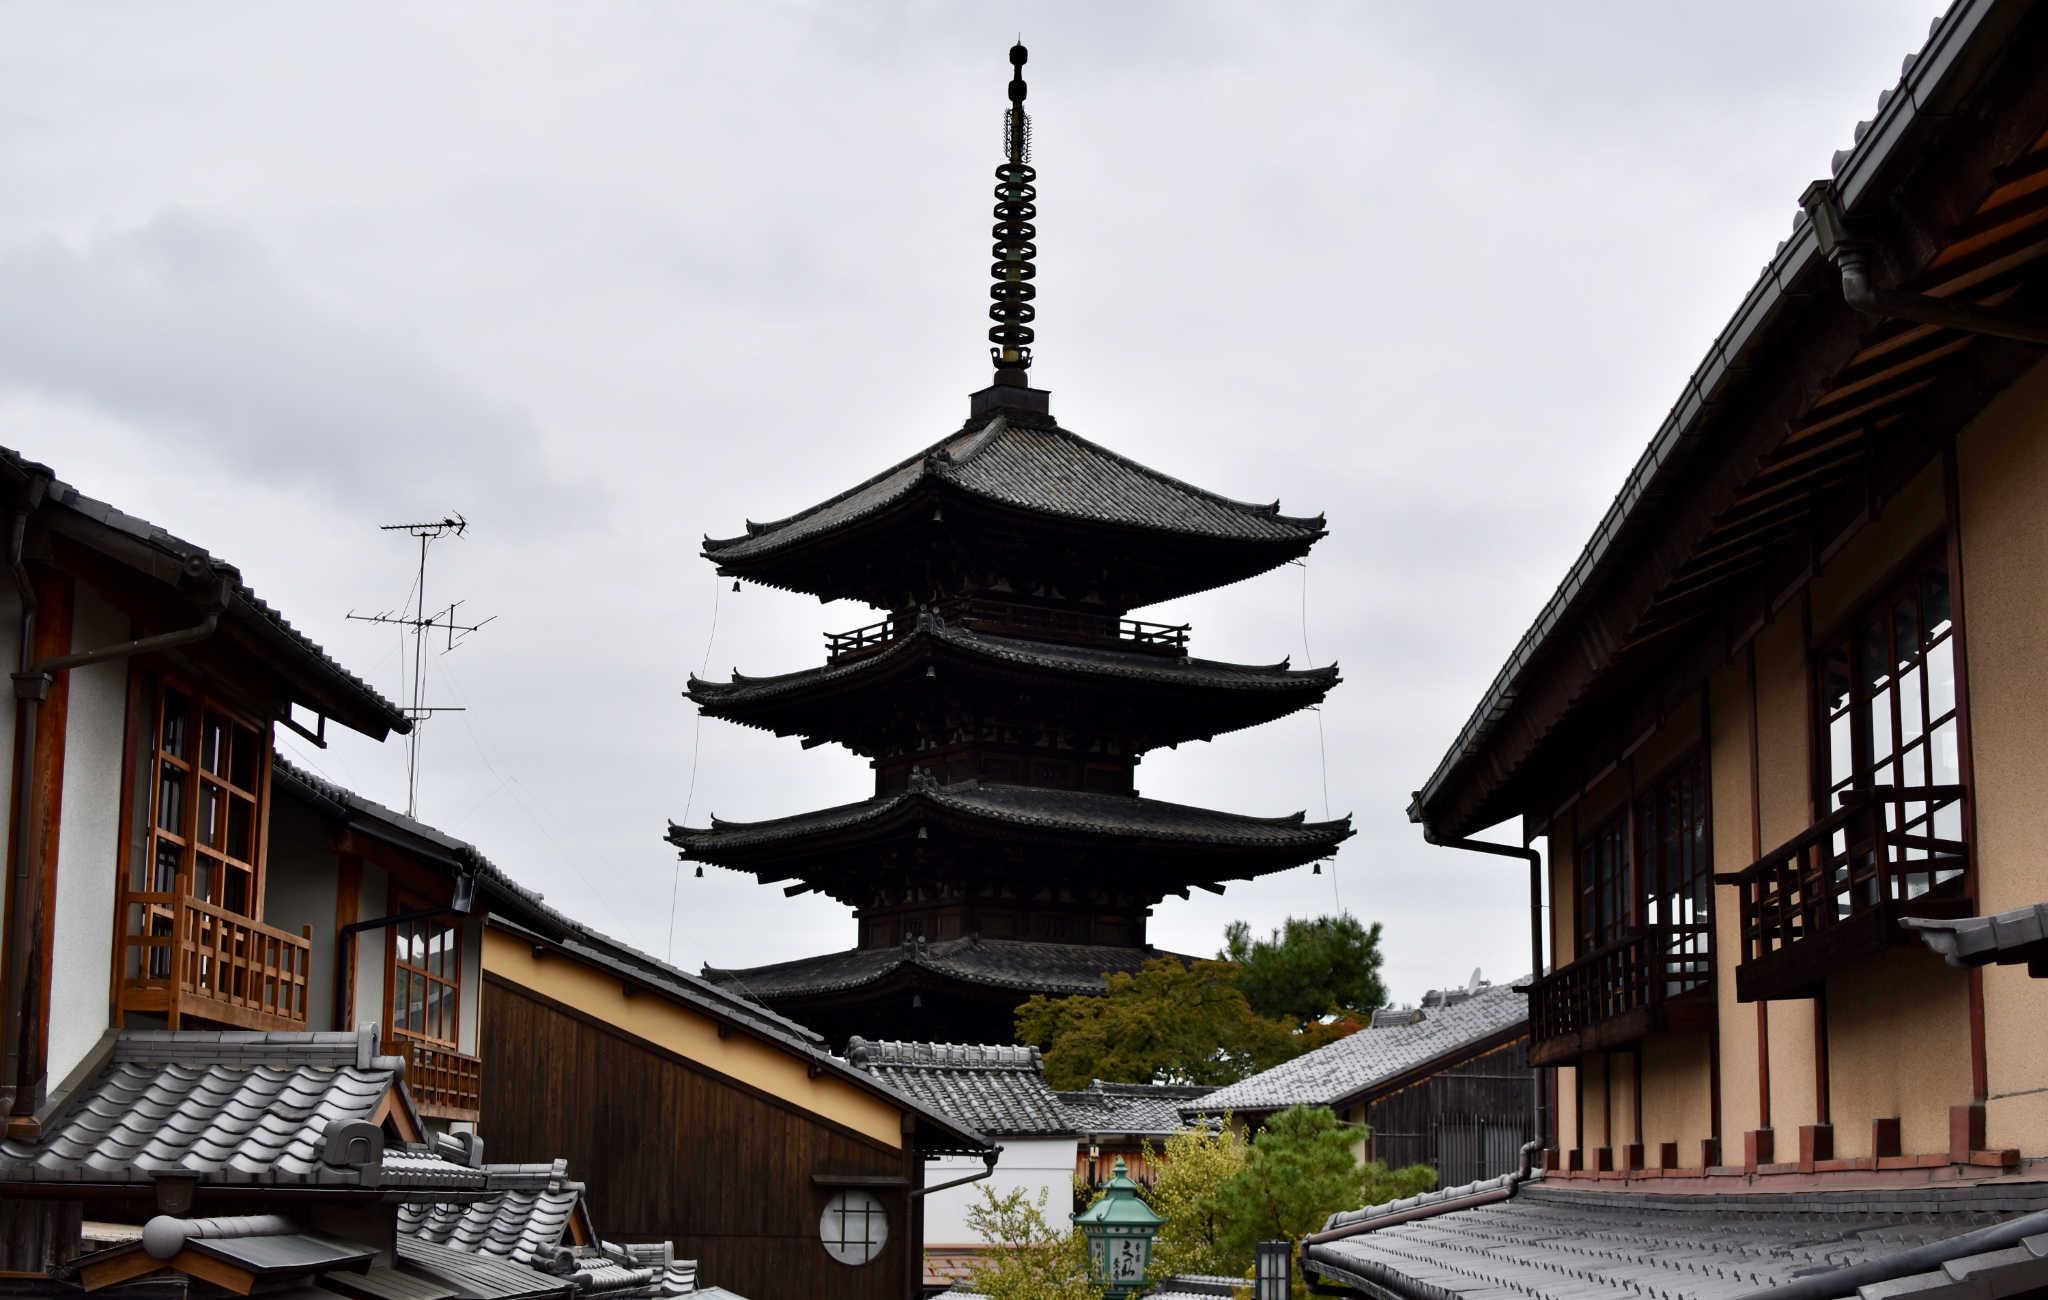 Magnifique pagode qui trône au milieu du quartier de Higashiyama